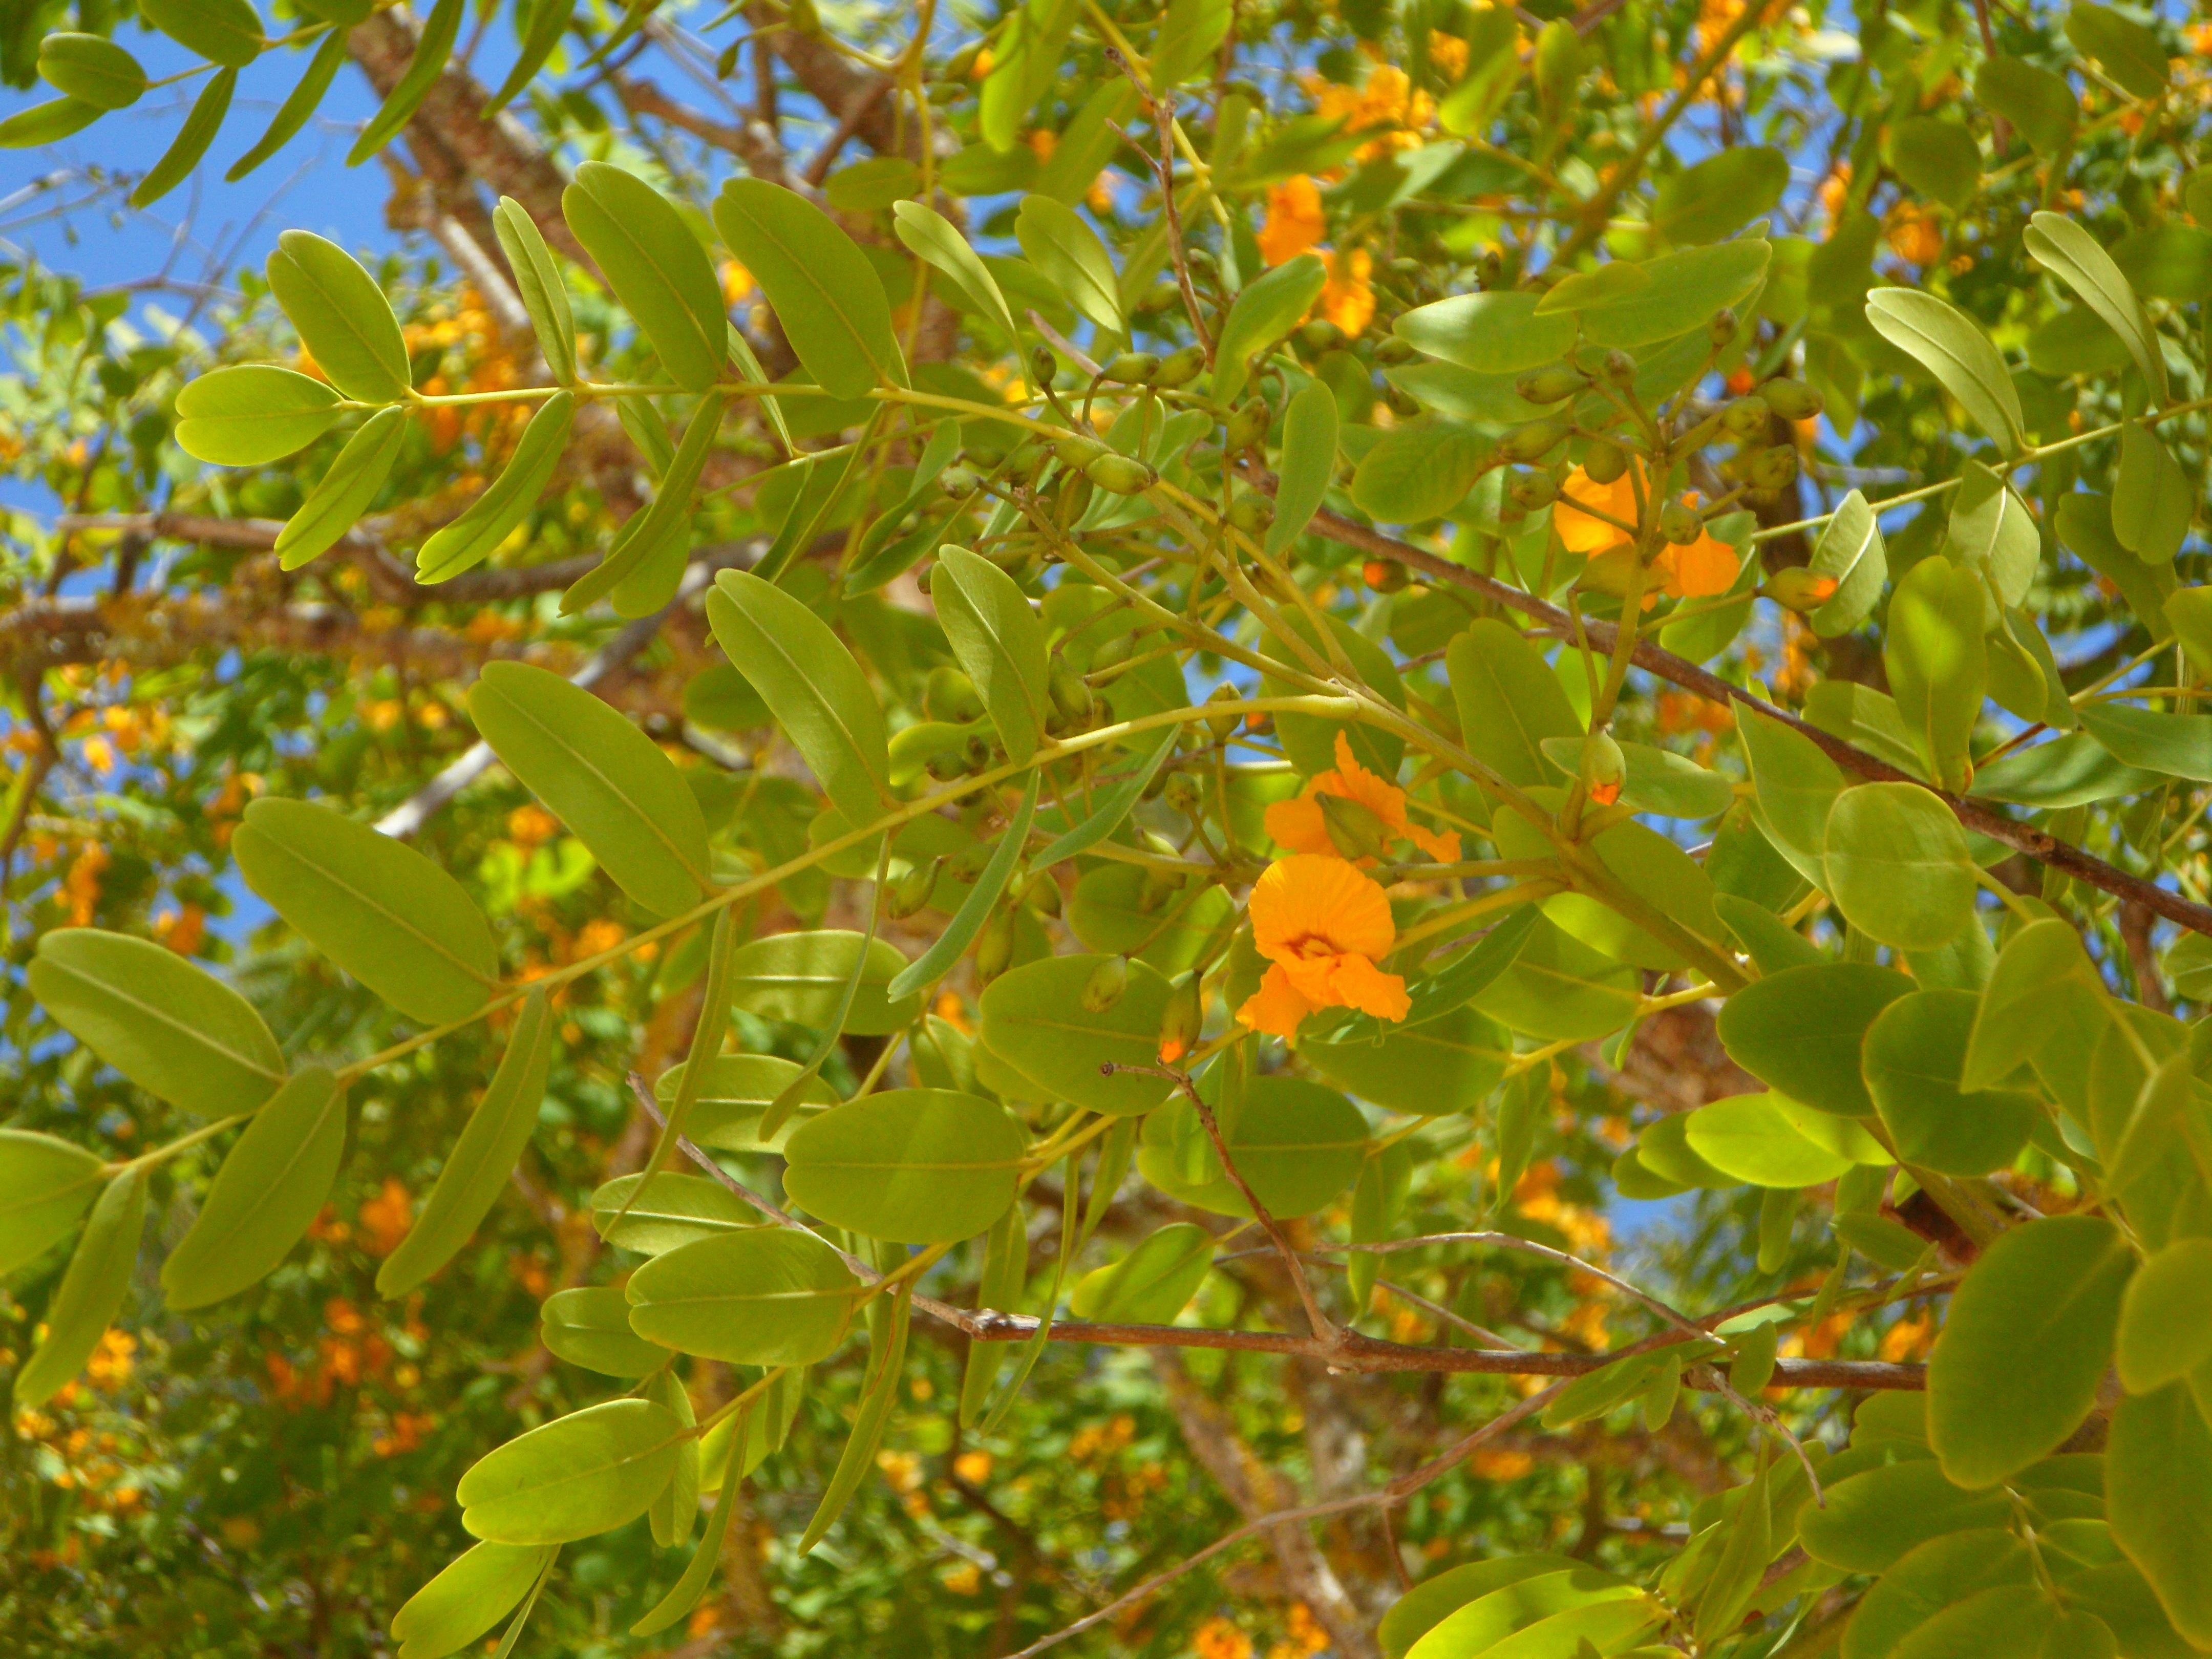 Images Gratuites Arbre Branche Fruit Lumiere Du Soleil Feuille